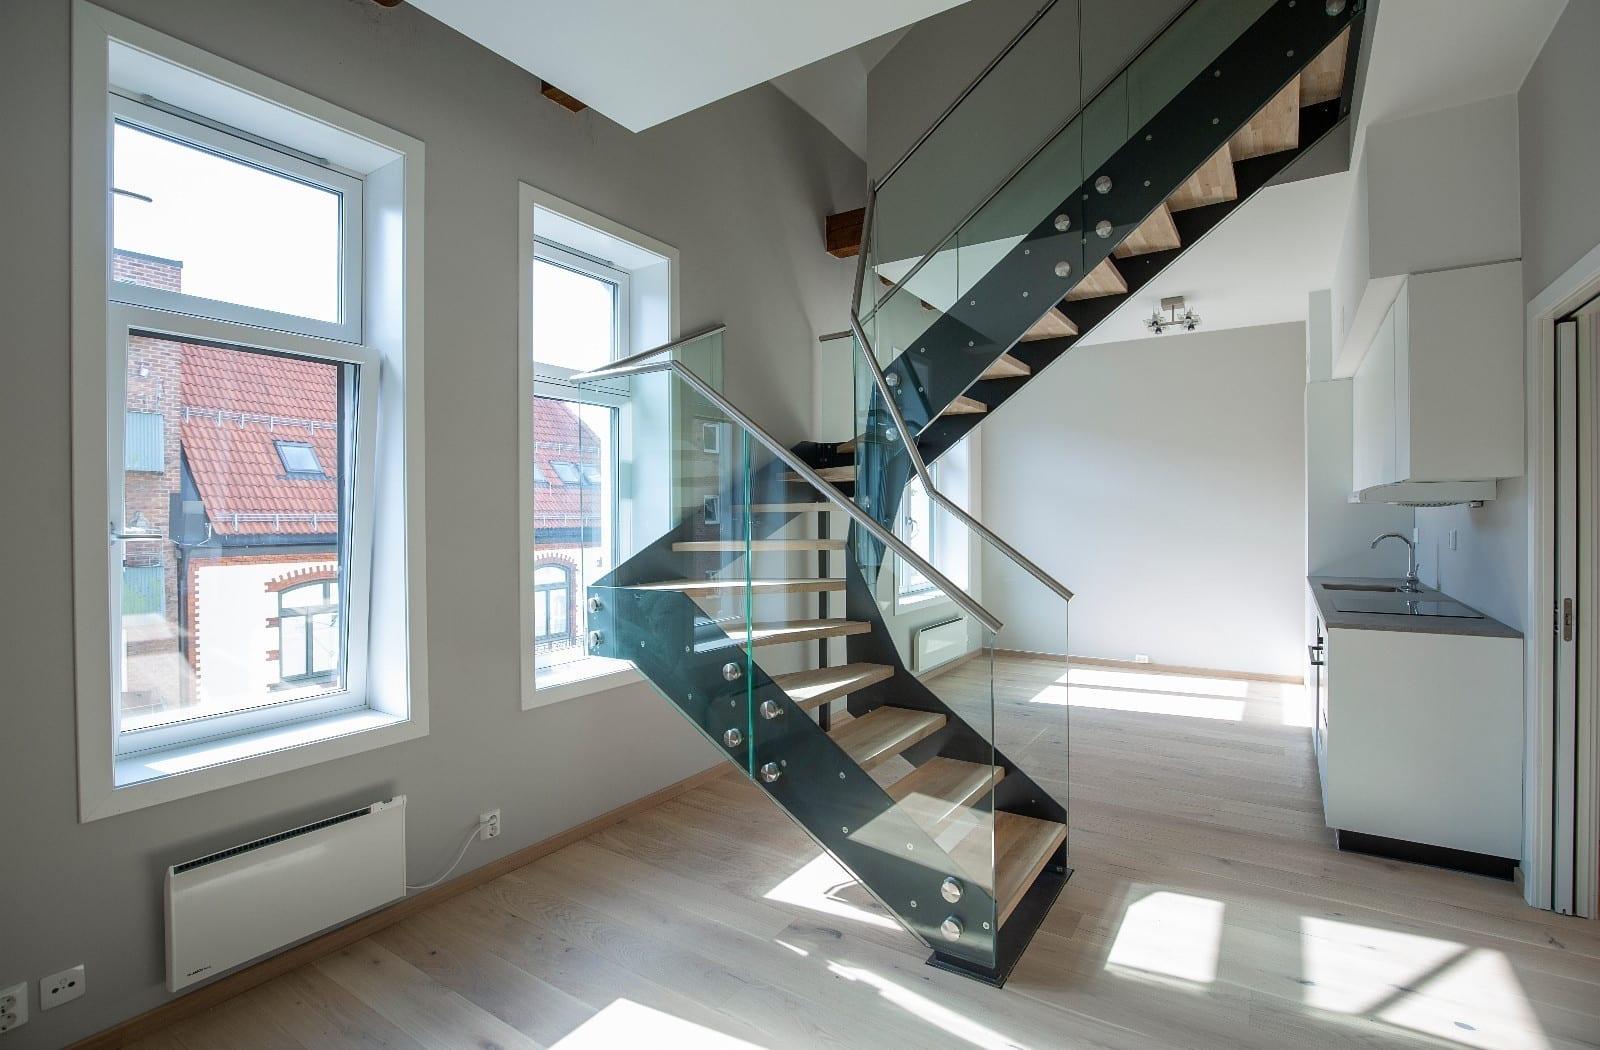 Åpen stue-kjøkken-løsning med stilig trapp opp til soverommene